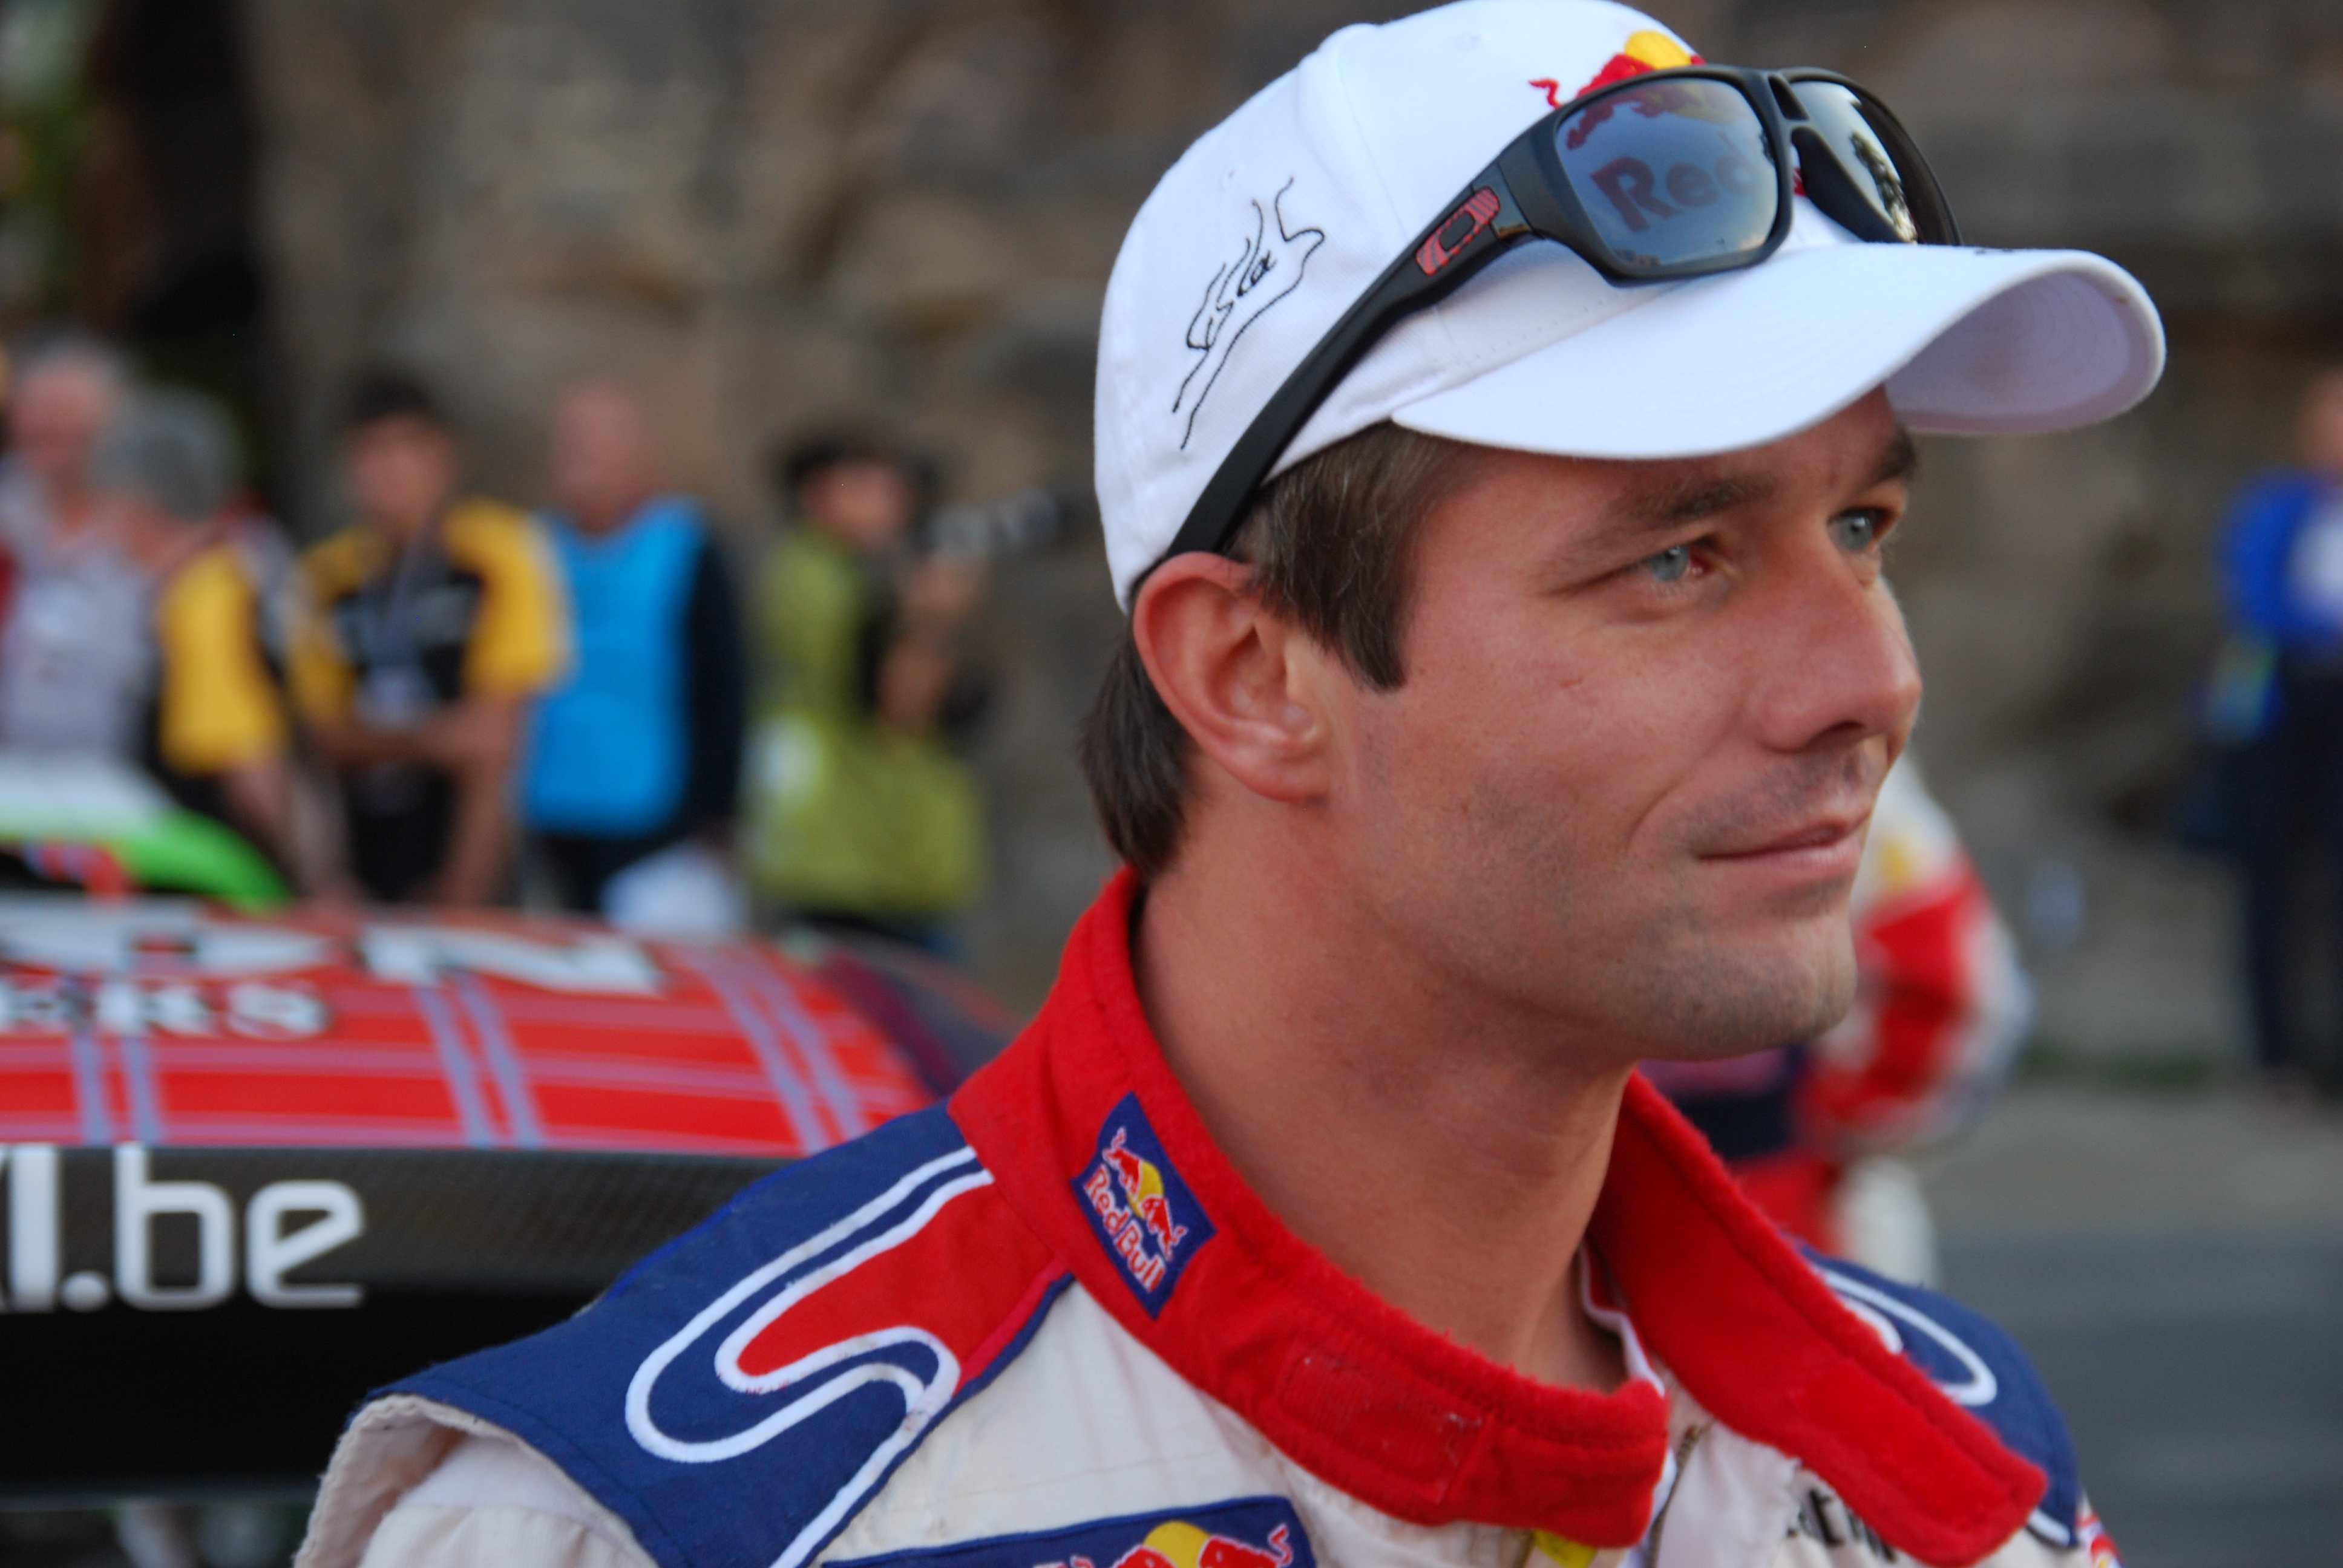 Depiction of Temporada 2010 del Campeonato Mundial de Rally